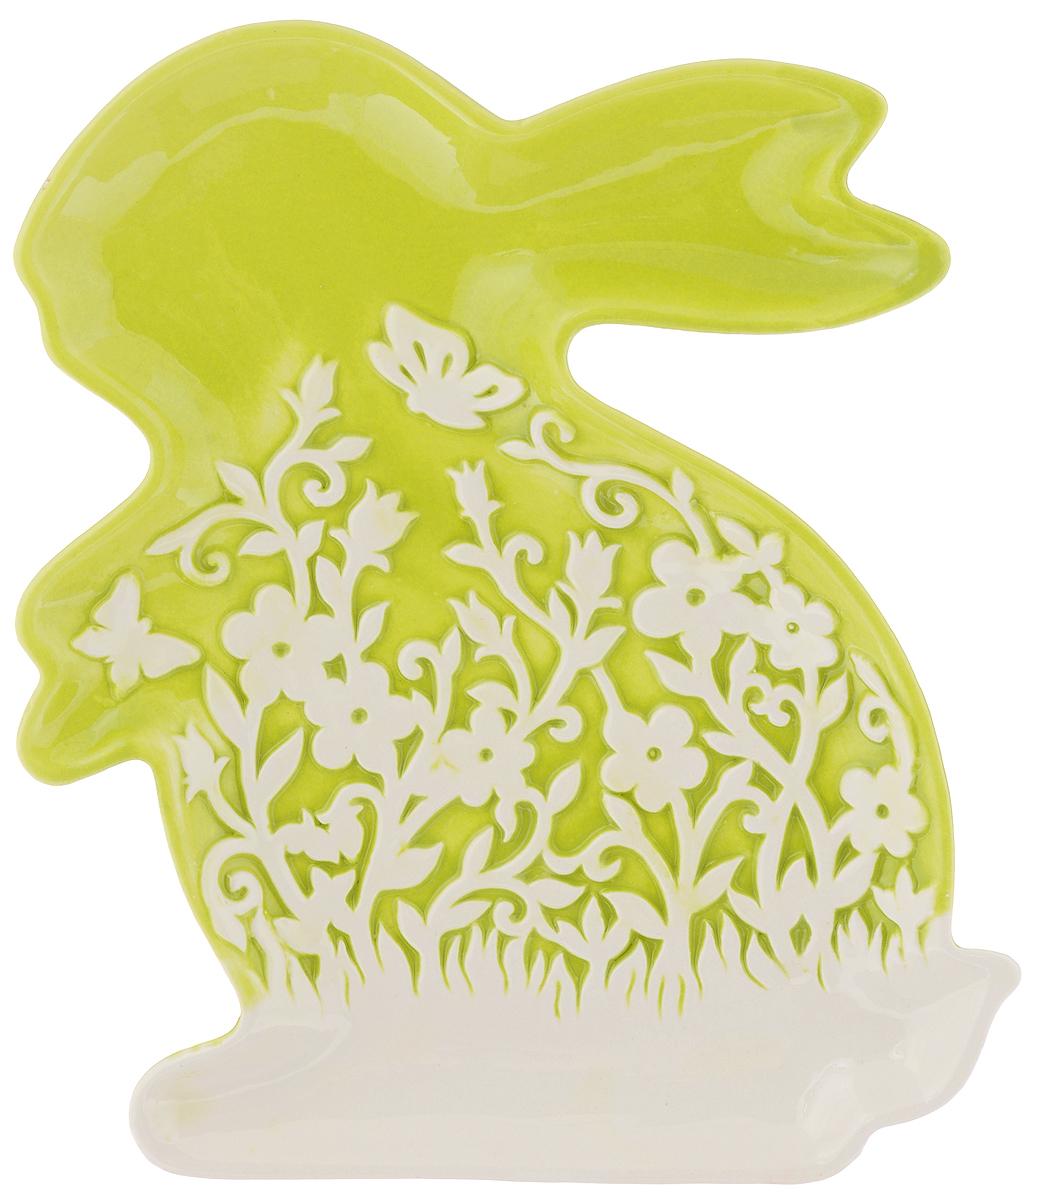 Блюдо Patricia Кролик, 22,5 х 19 х 2,5 смIM16-0312Блюдо Patricia Кролик изготовлено из высококачественной керамики. Изделие выполнено в виде кролика. Внутренняя часть блюда оформлена цветочным рисунком. Блюдо Patricia Кролик в светлый праздник Пасхи станет не только украшением вашего стола, но и отличным подарком. Не рекомендуется мыть в посудомоечной машине. Размер тарелки: 22,5 х 19 х 2,5 см.